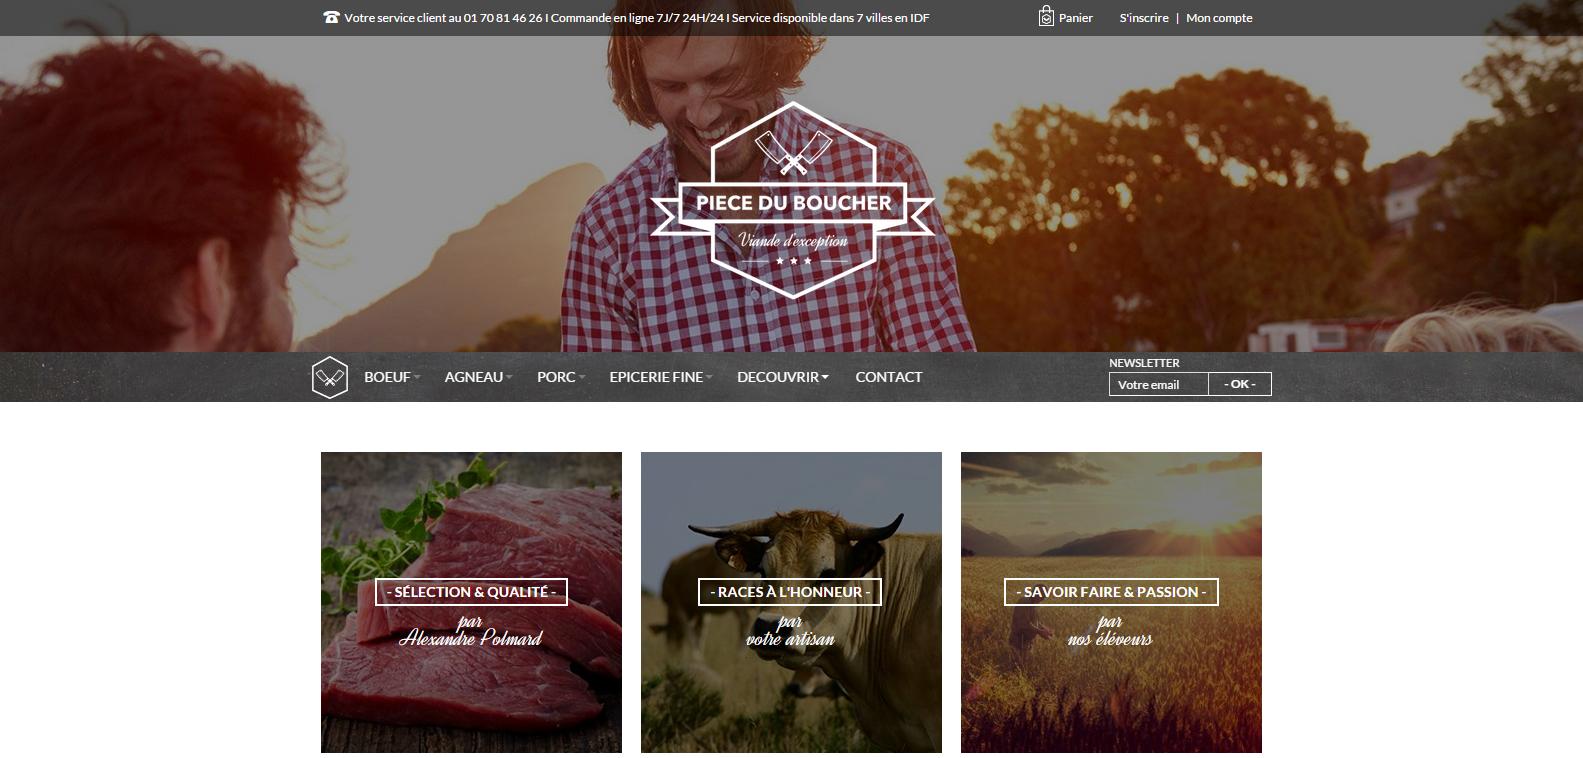 La page d'accueil du site web Pièce du Boucher